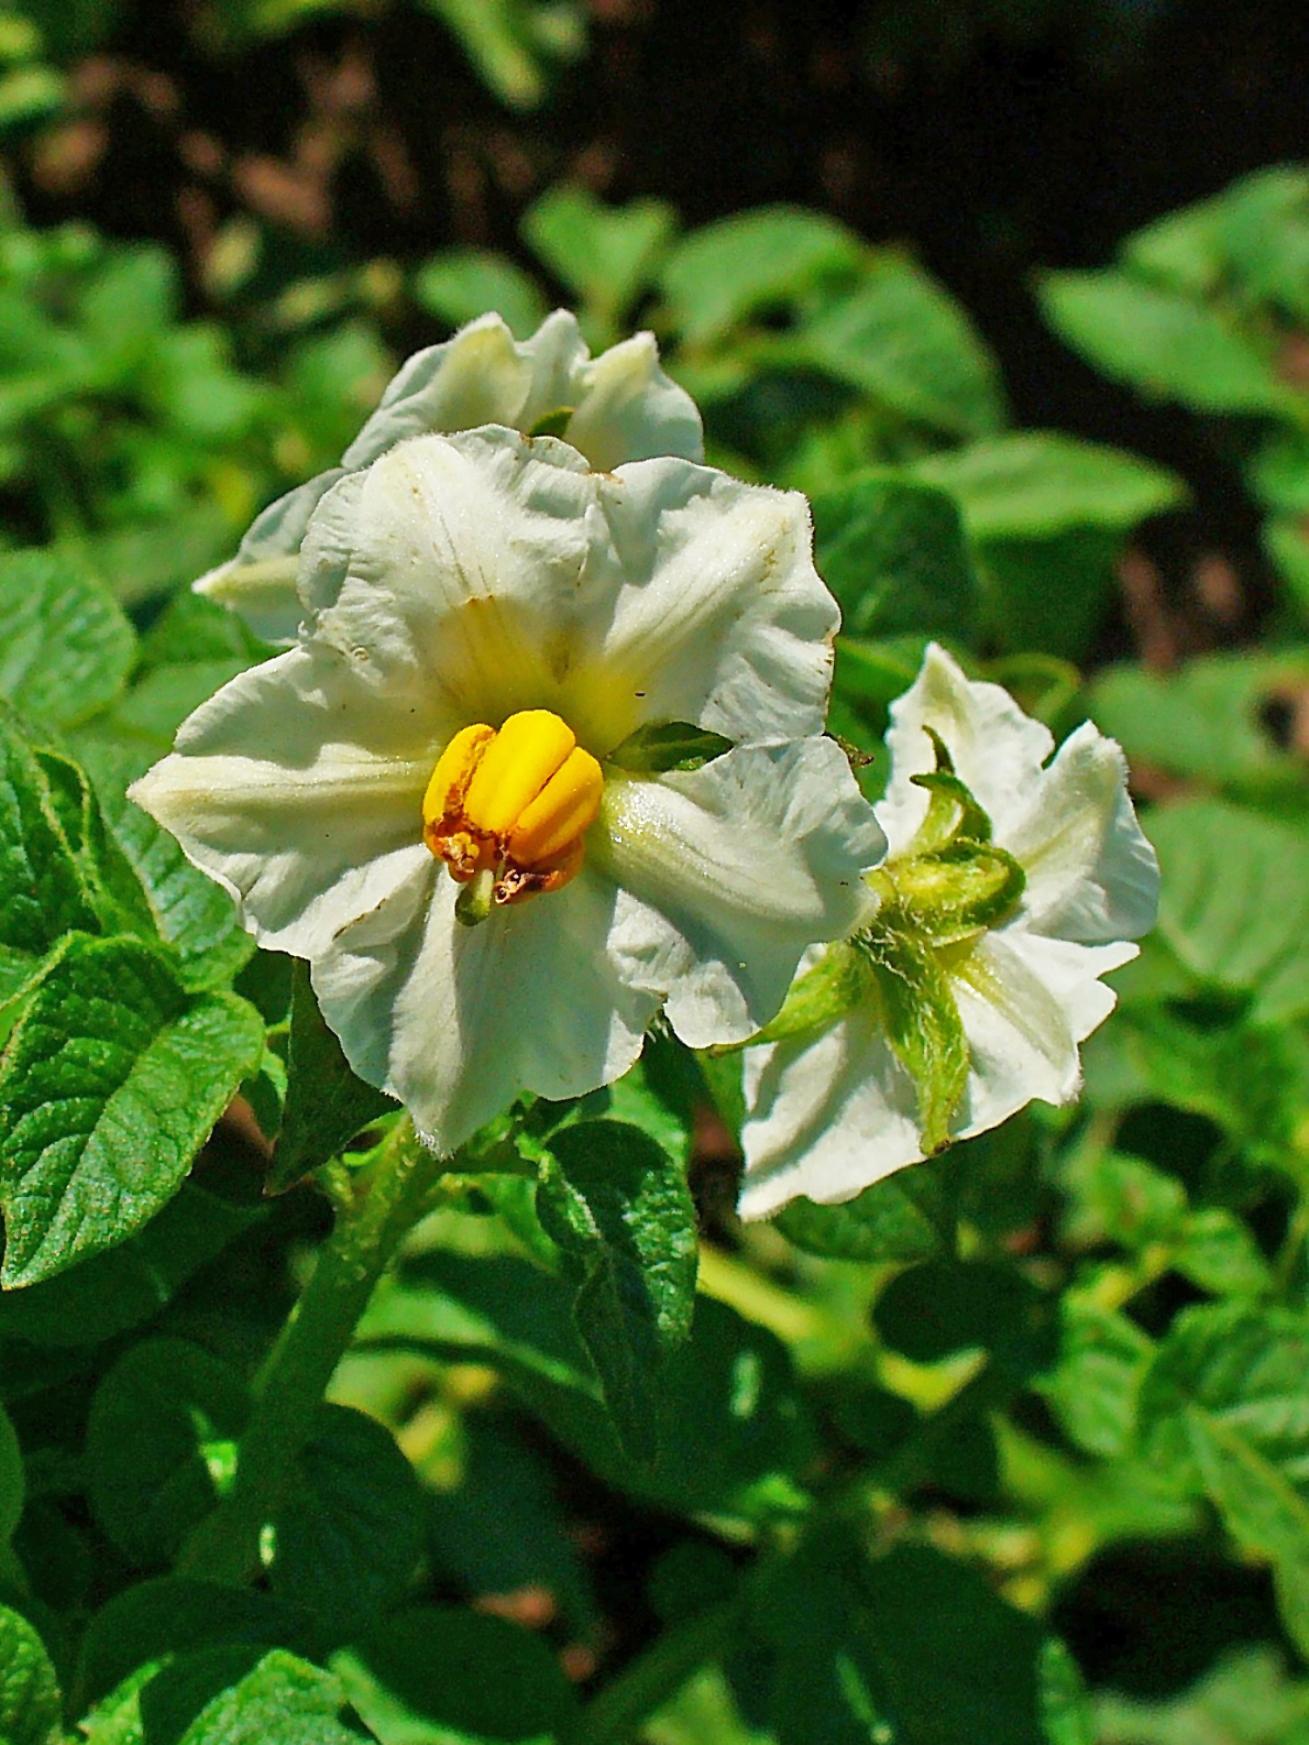 Planta y flor de la patata. Autor H. Zell